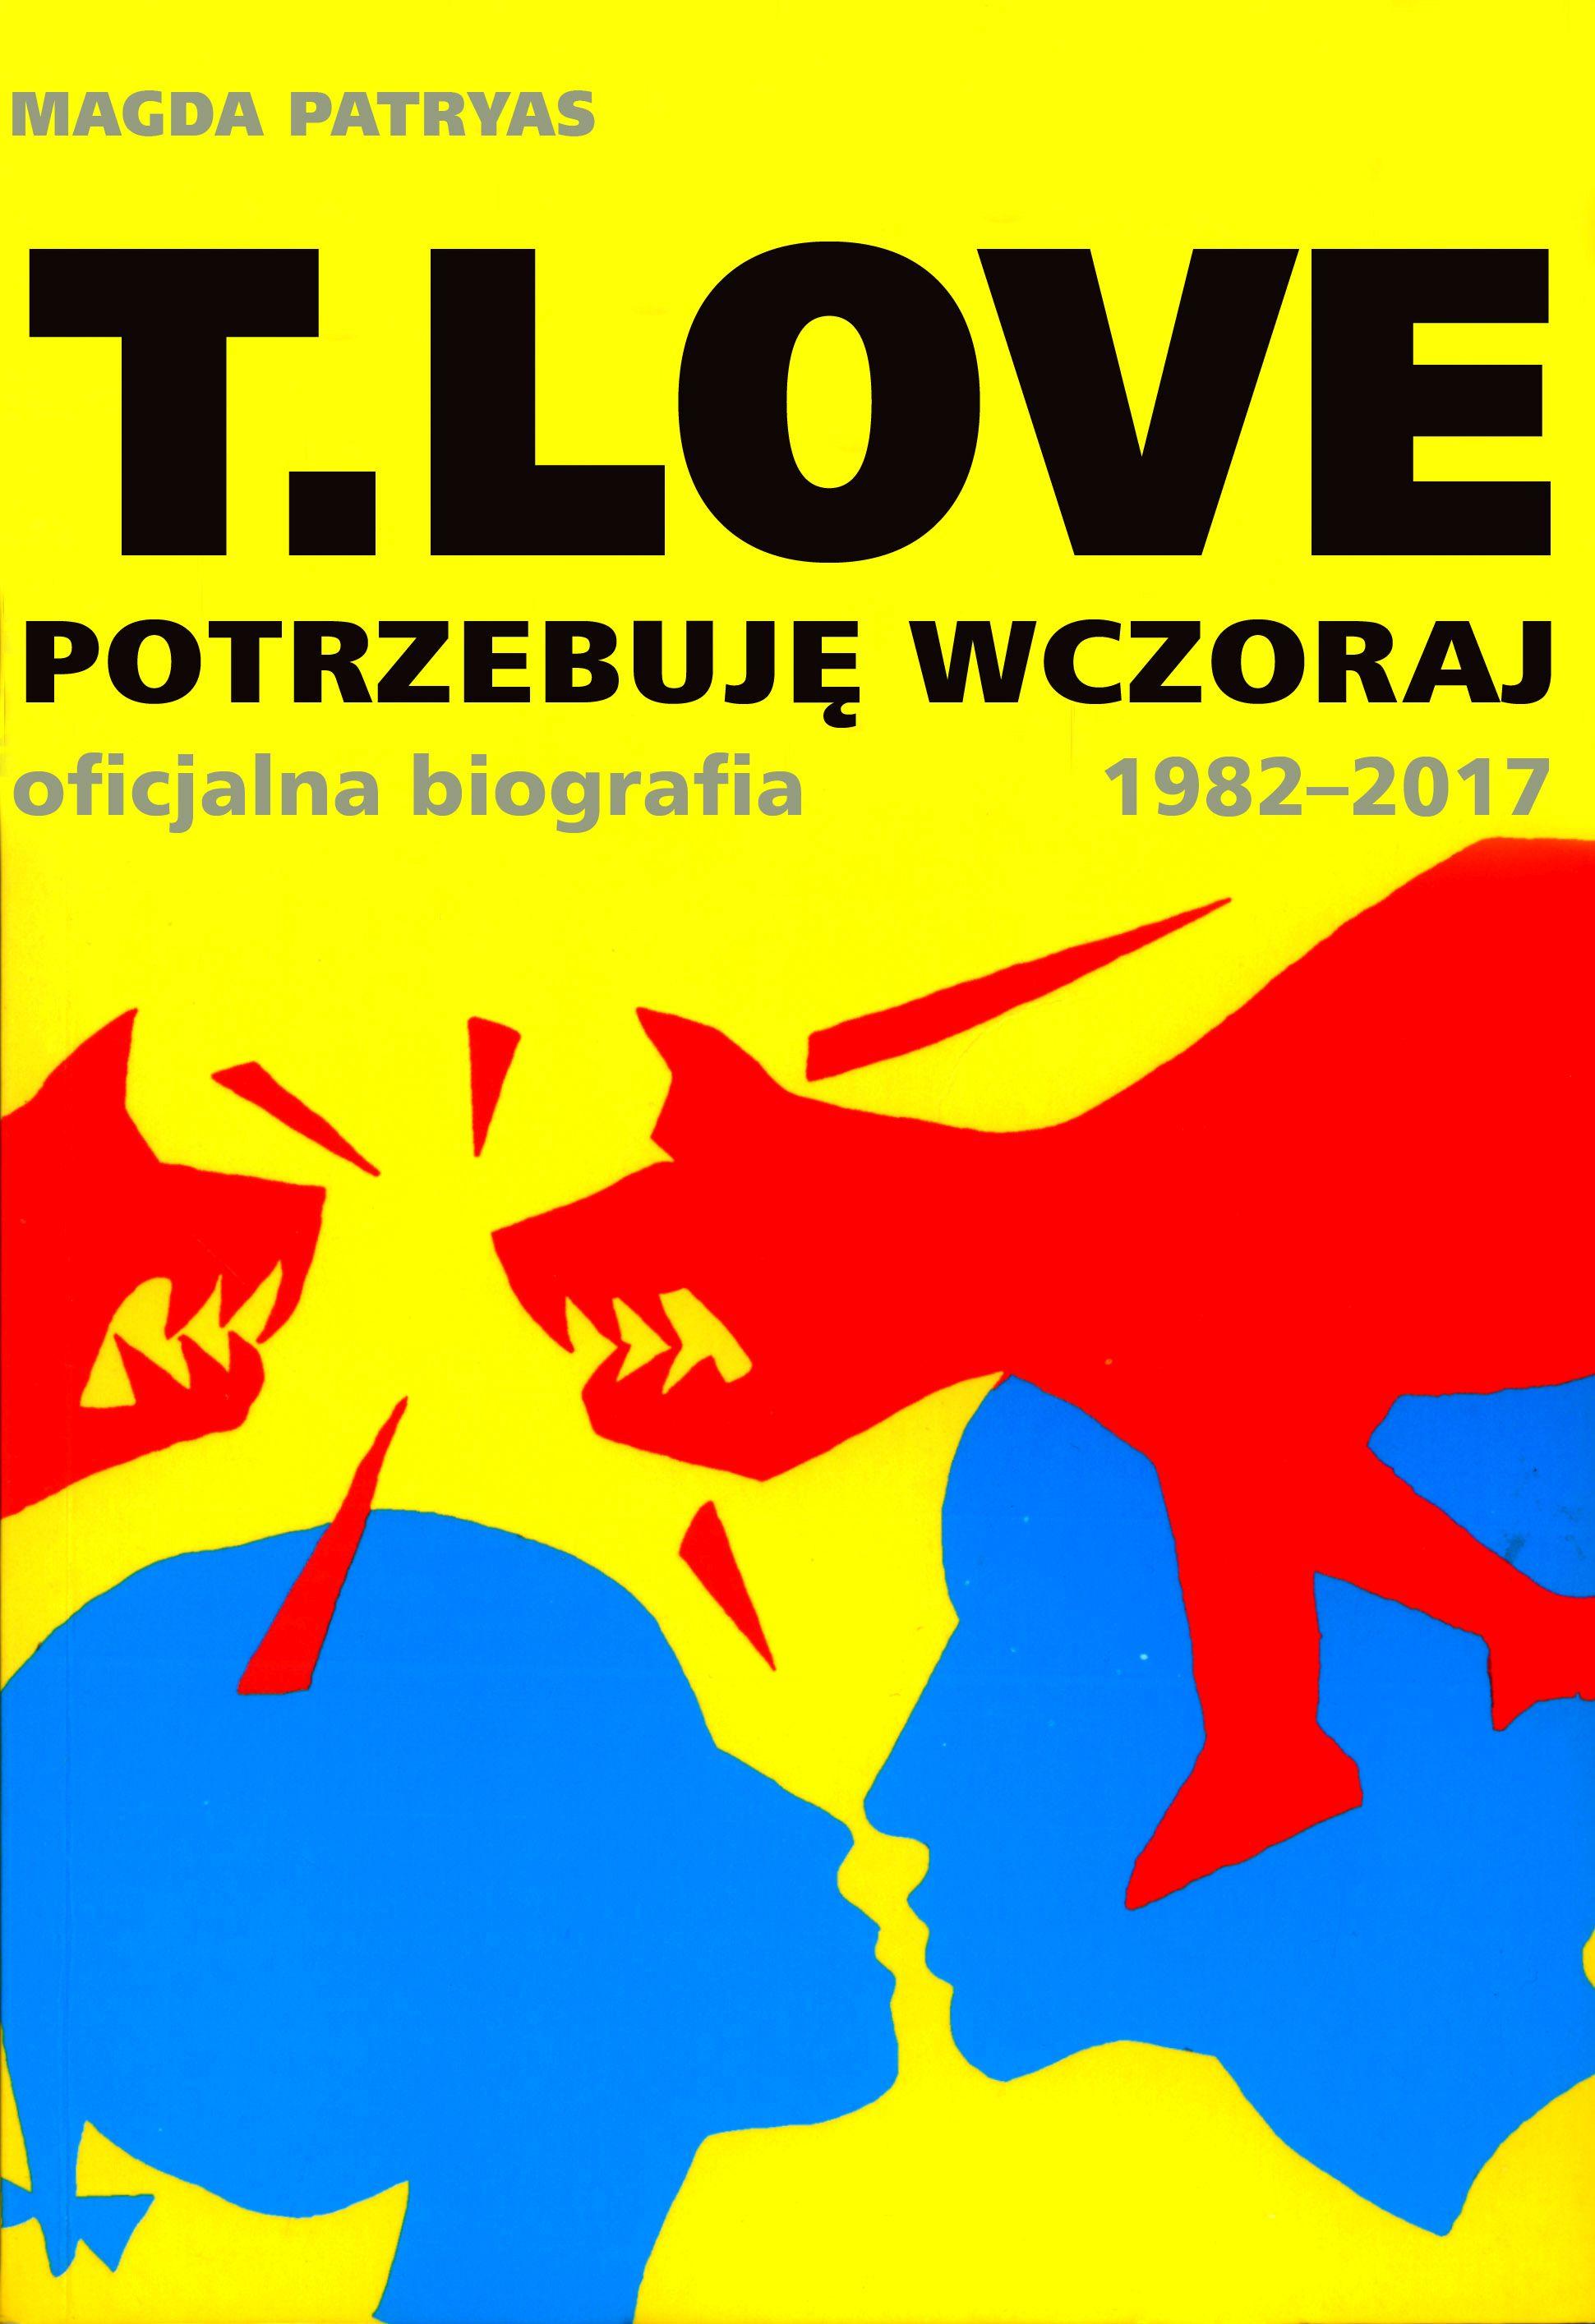 Magda Patryas-T.LOVE. Potrzebuję wczoraj. Oficjalna biografia 1982-2017